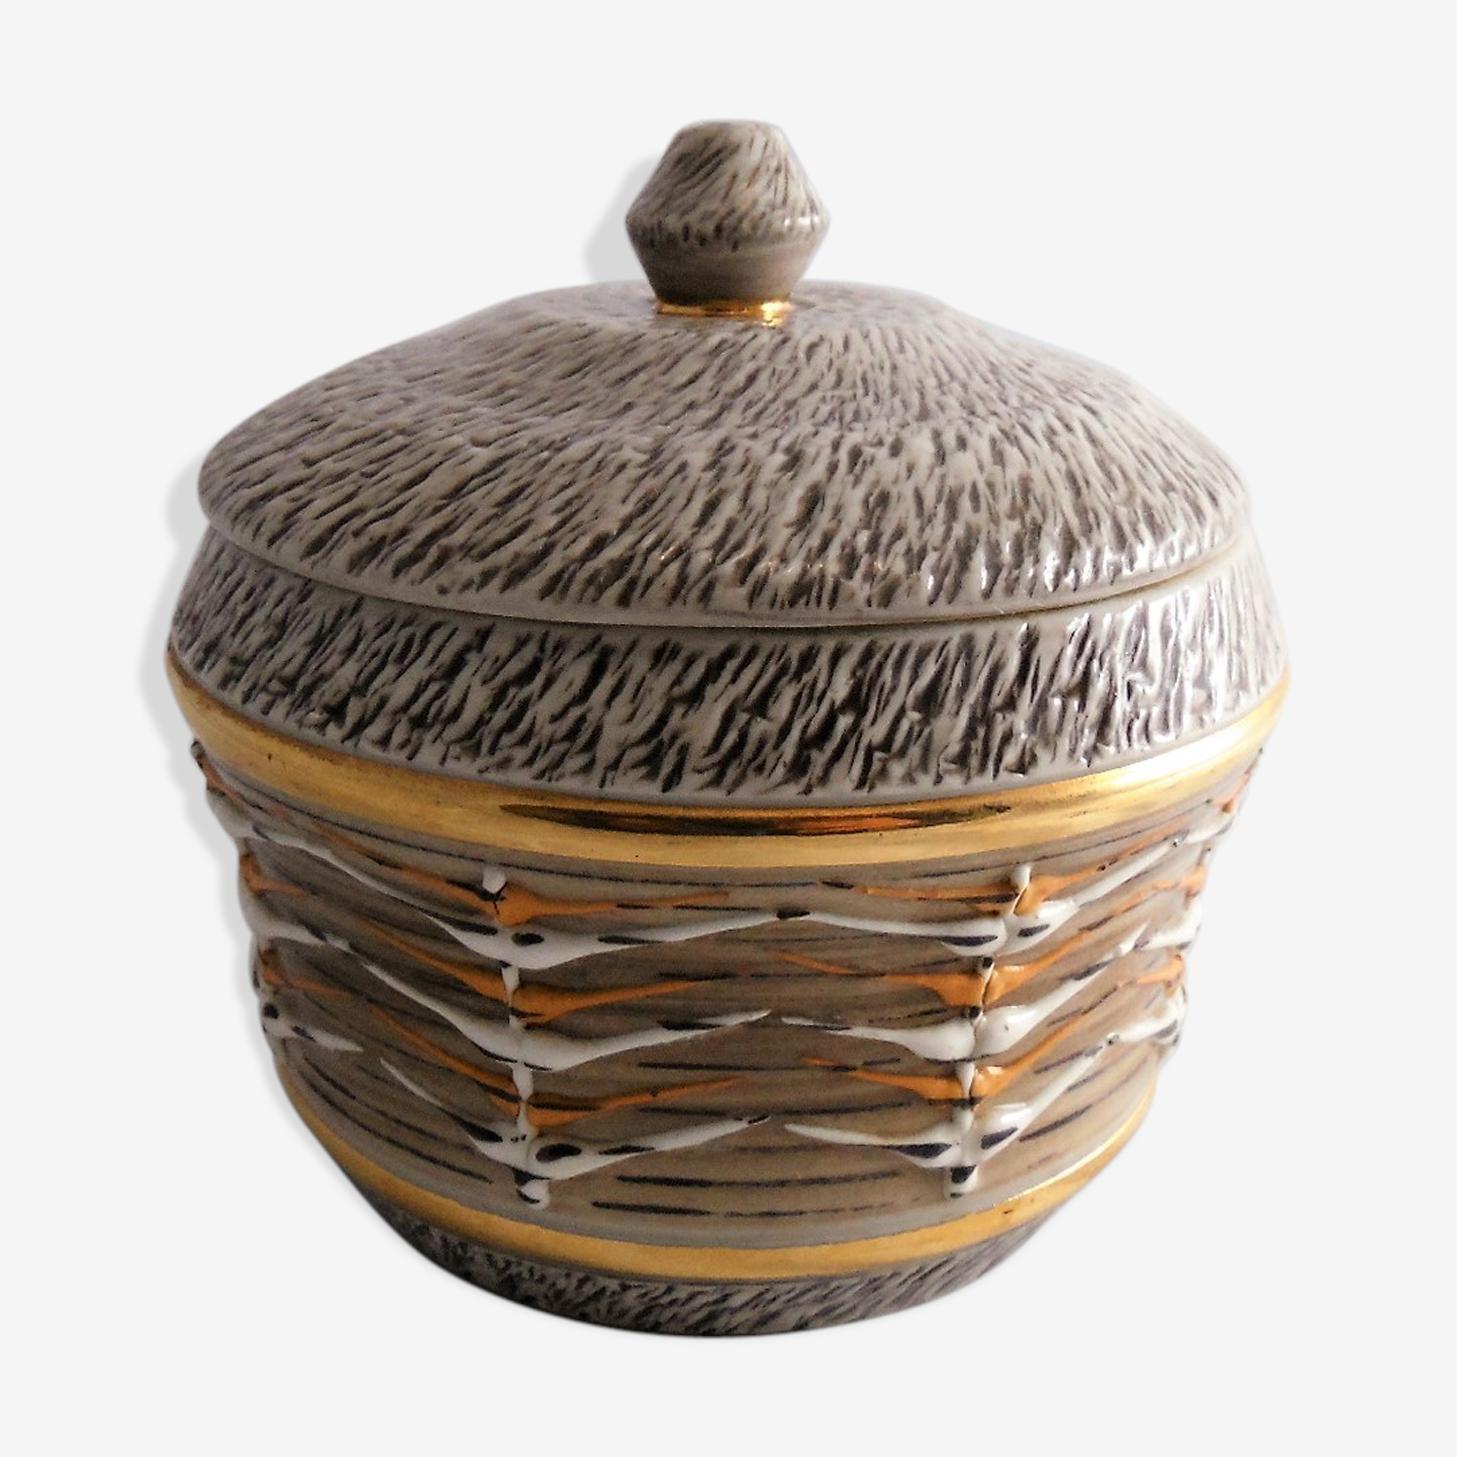 Bonbonnière céramique année 60-70 signée